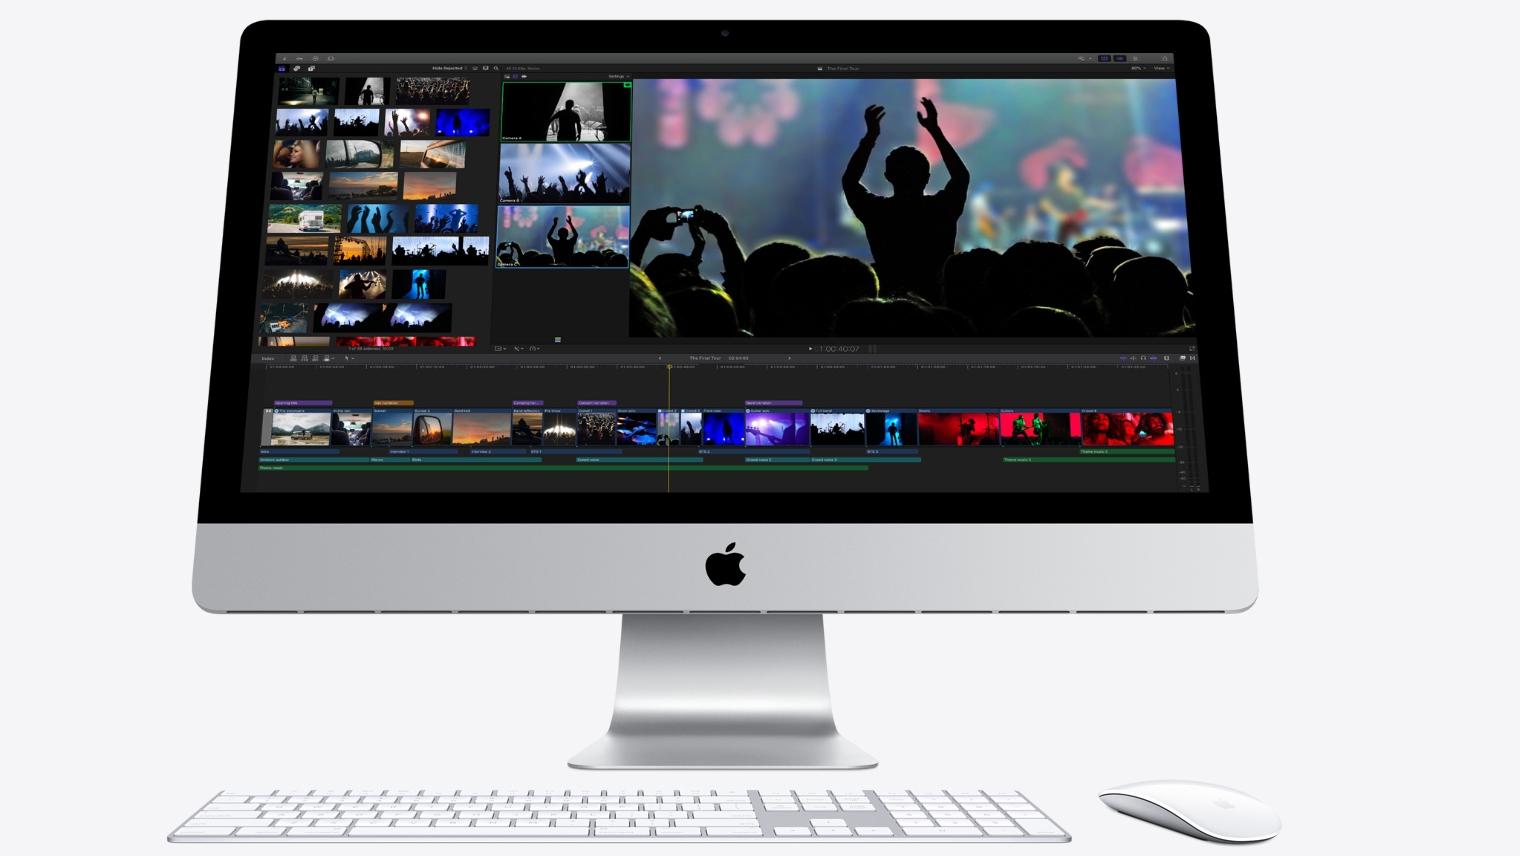 Новый Apple iMac получил 10-ядерный CPU и нанотекстурное покрытие экрана за 500 долларов